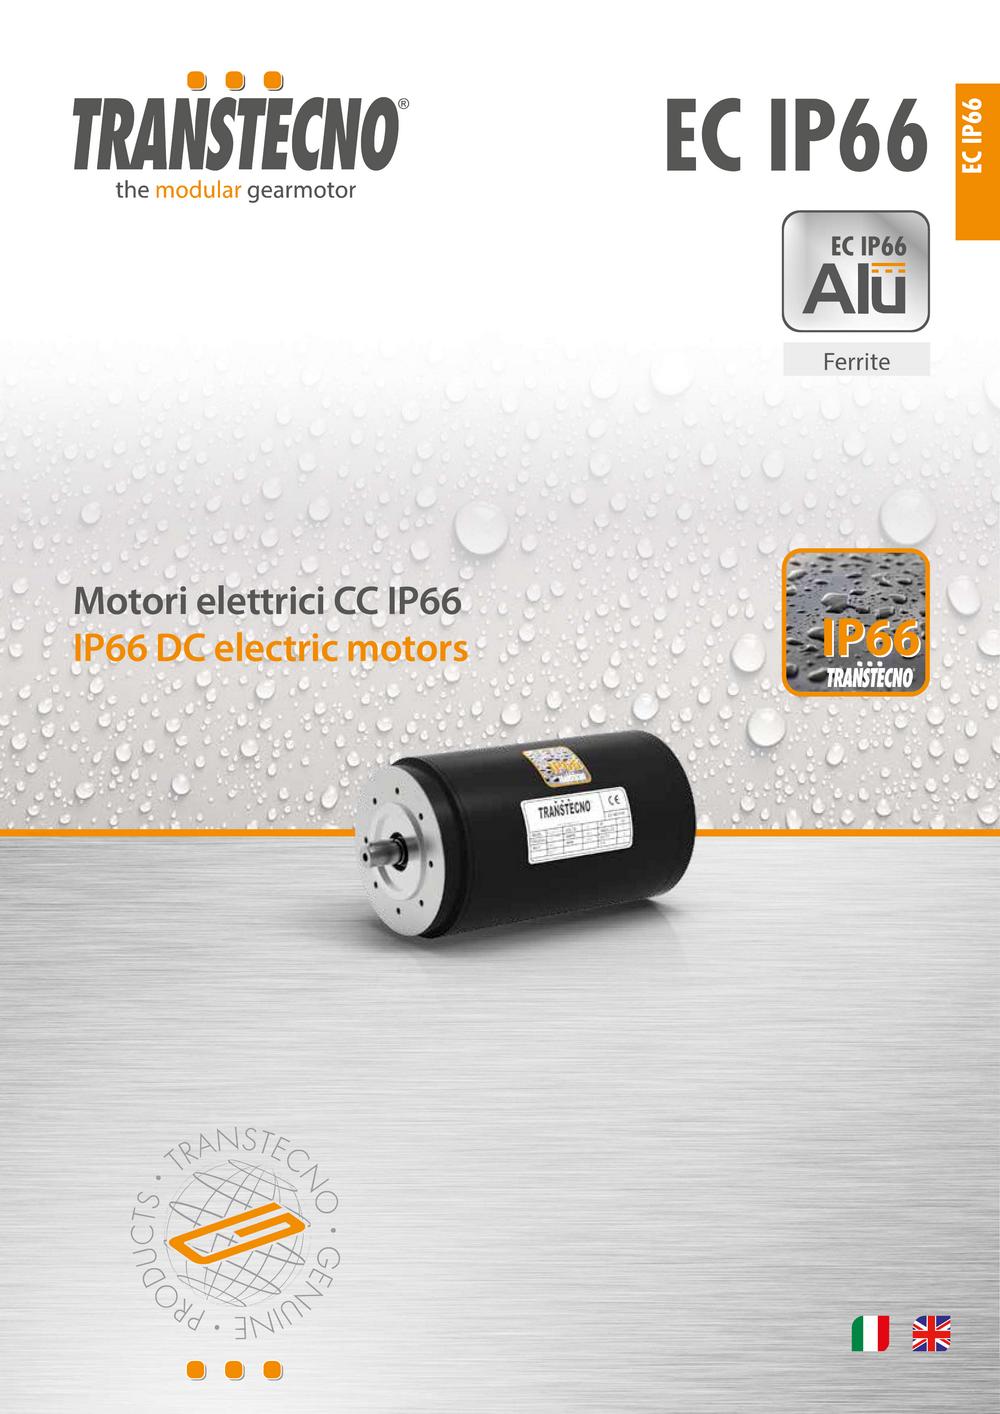 Электродвигатели постоянного тока c уровнем защиты IP66.